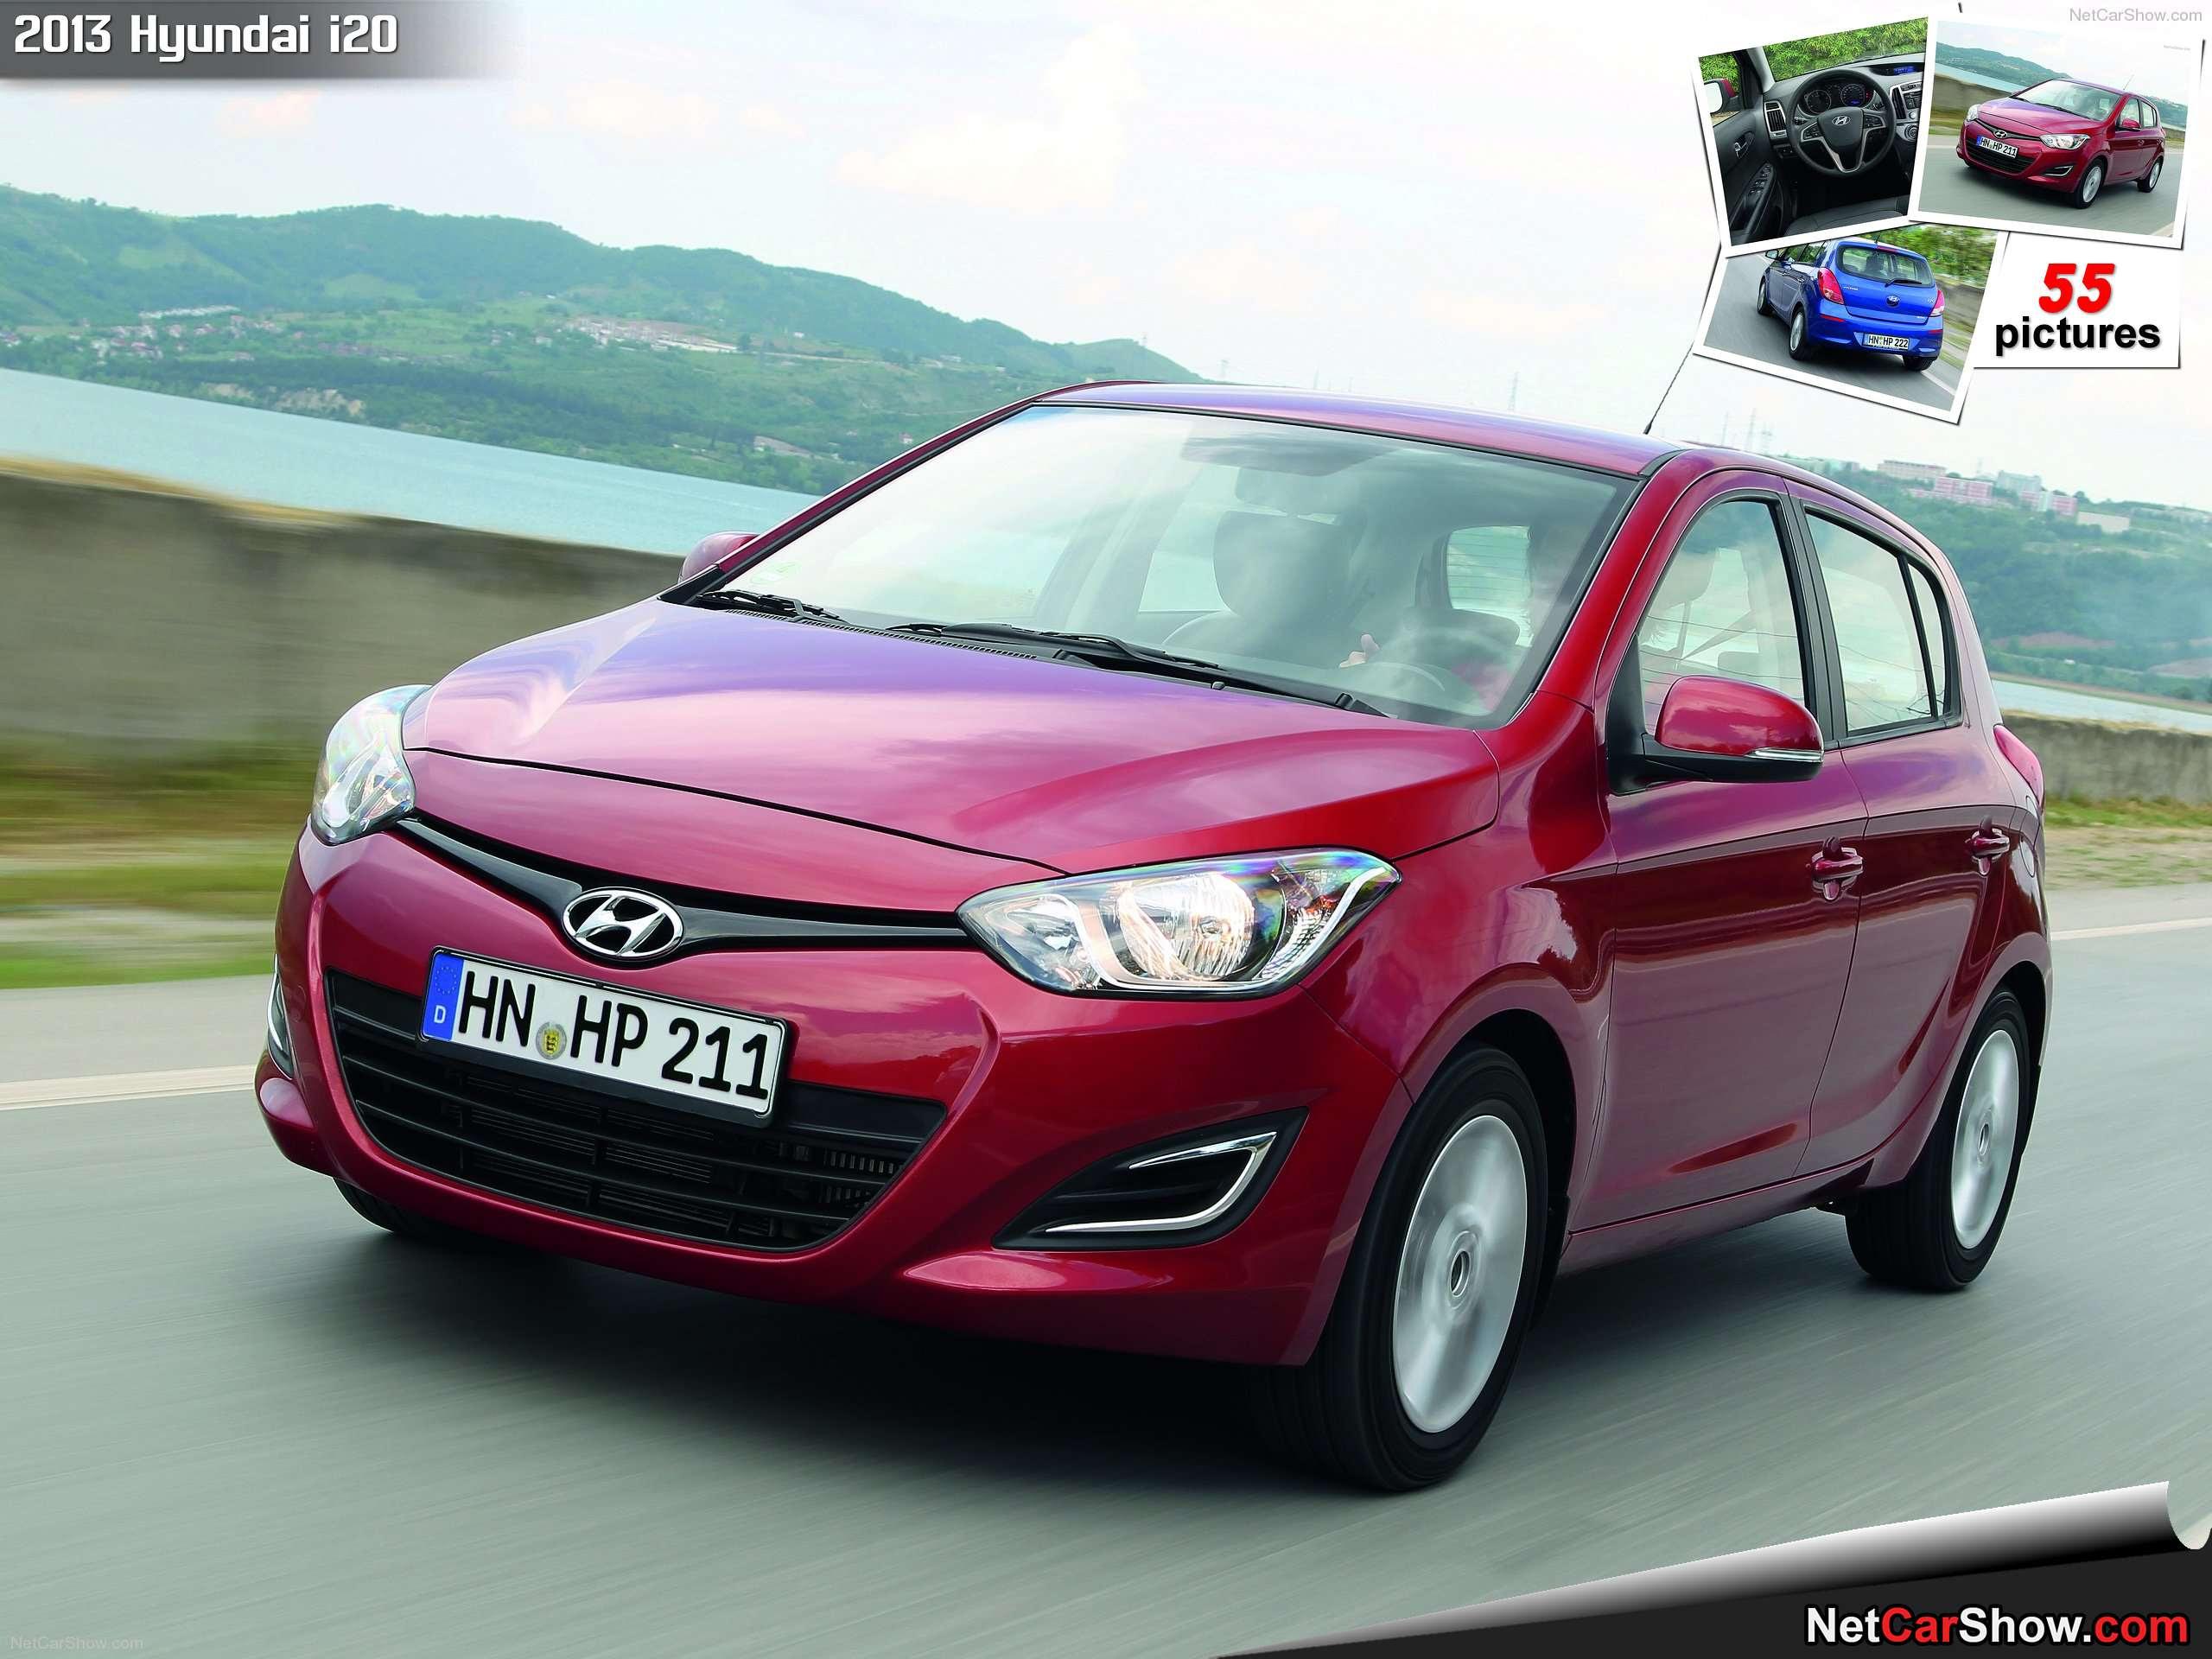 Hyundai i20 (2013)